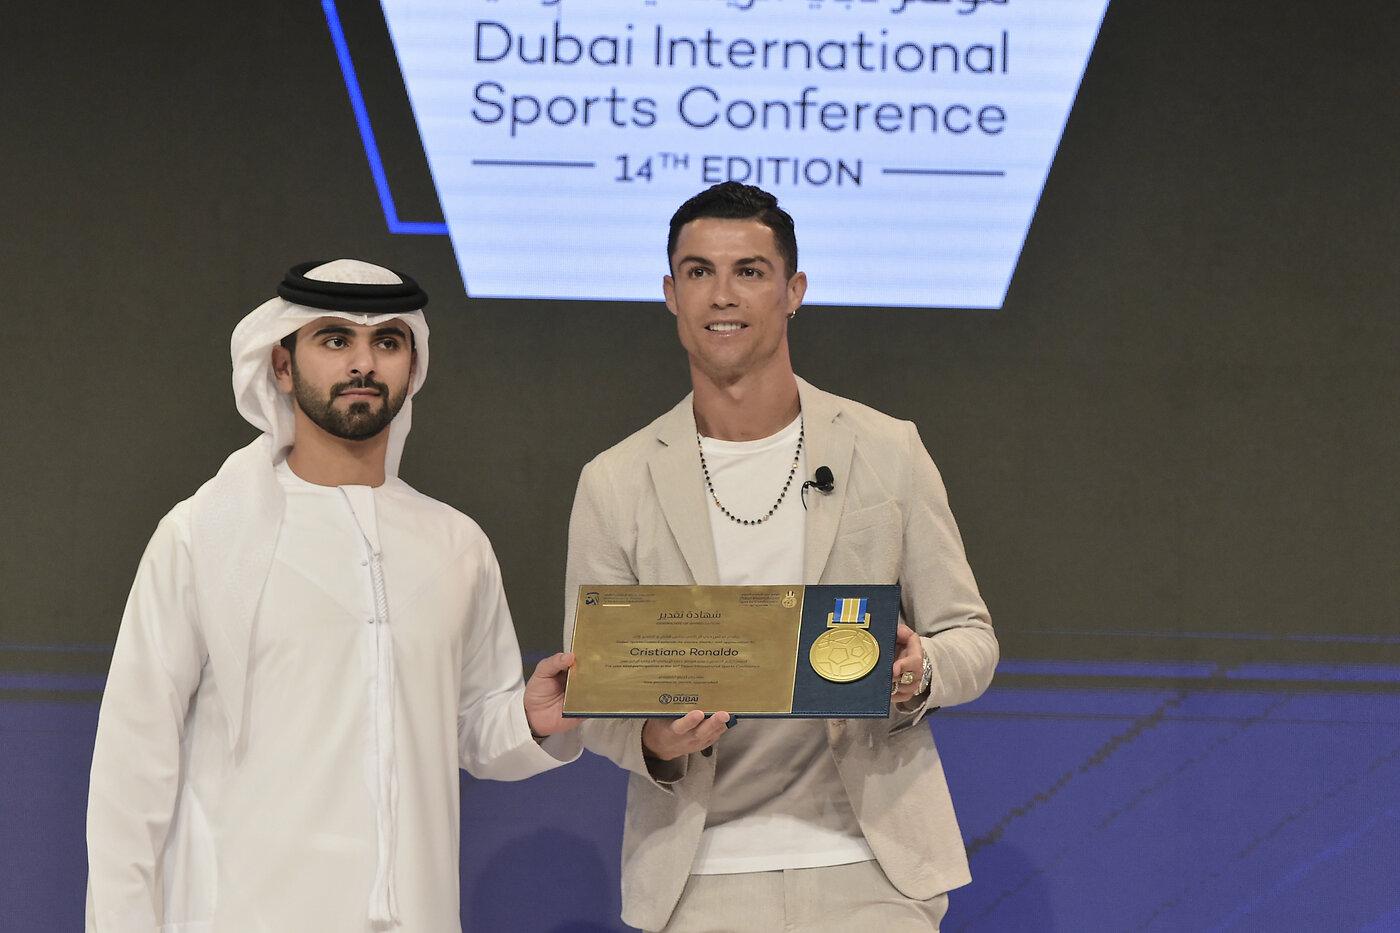 Ronaldo ritira premio a Dubai